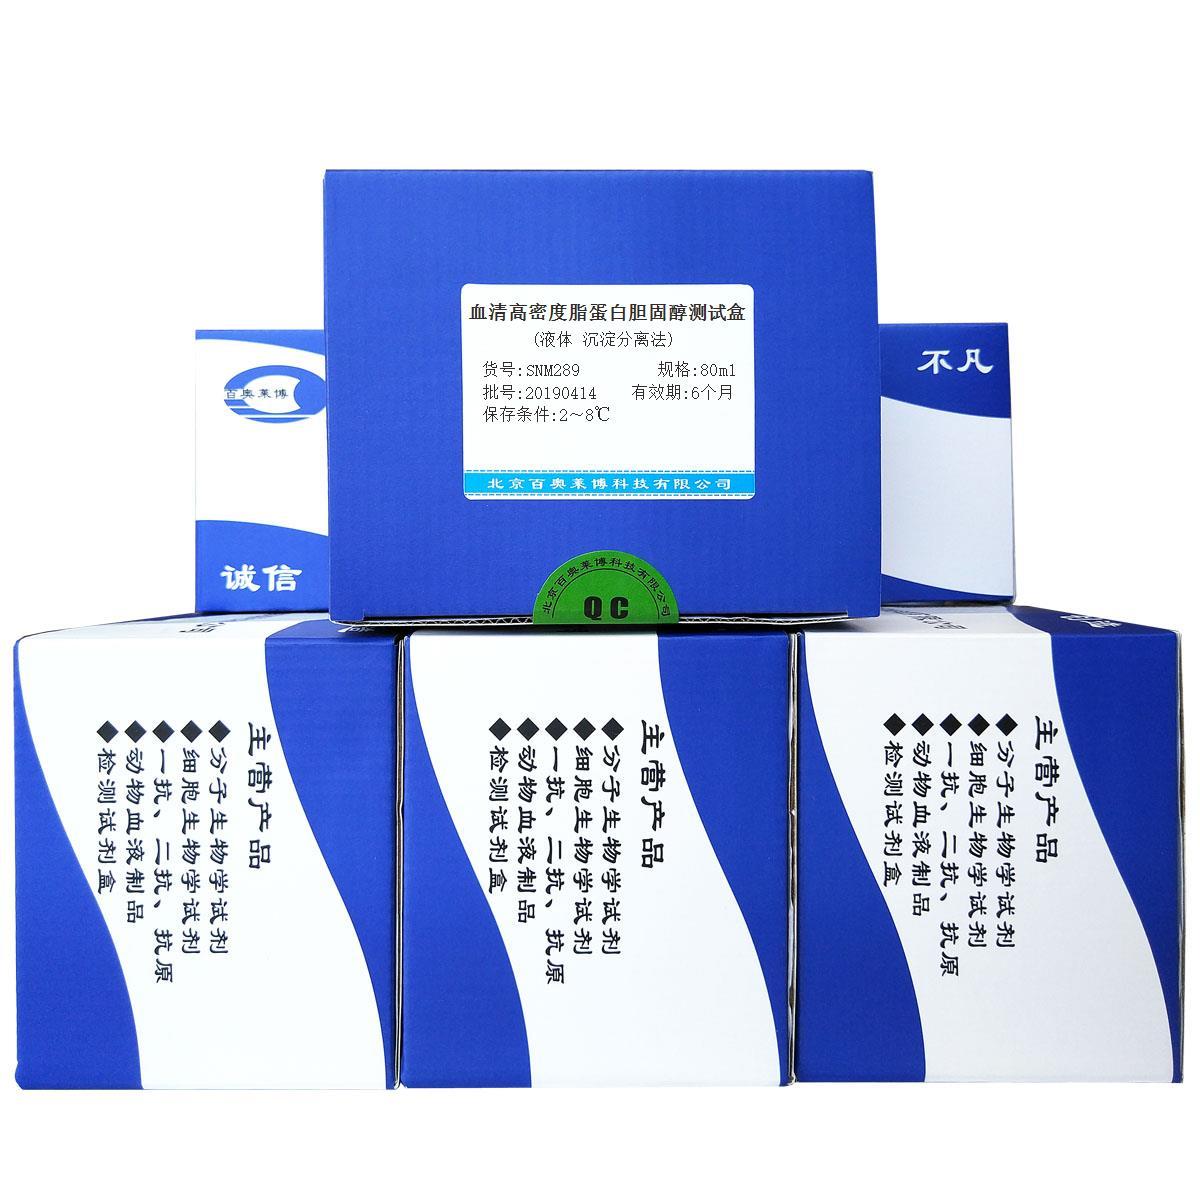 血清高密度脂蛋白胆固醇测试盒(液体 沉淀分离法)